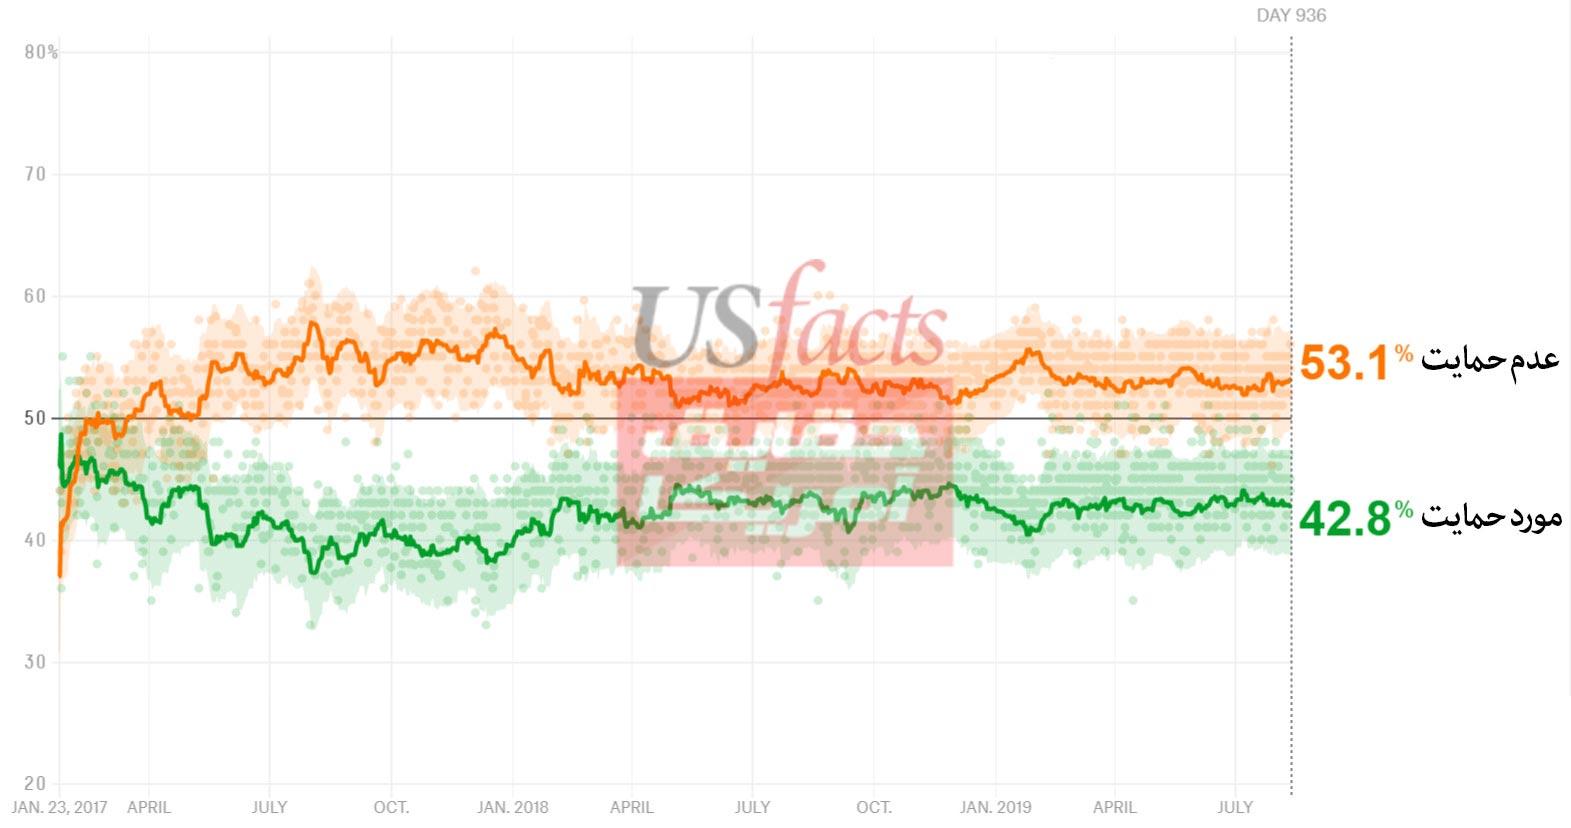 محبوبیت-ترامپ-در-نظر-سنجی-ها-پس-از-936-روز